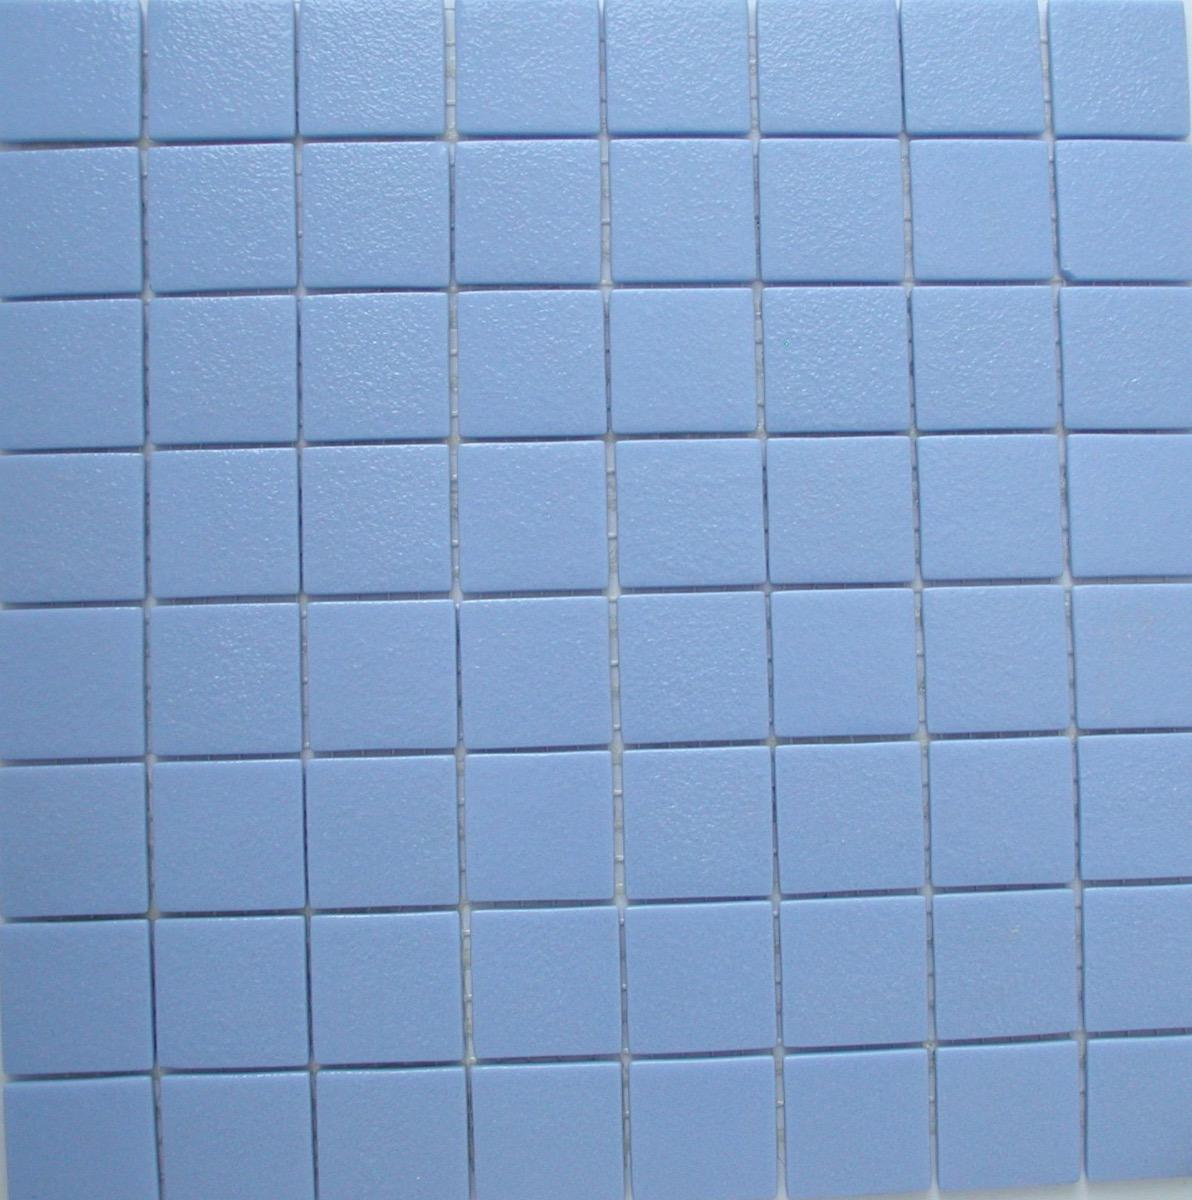 Mosaique Salle De Bain Bleu ~ mosa que maux de verre 4cm bleu lavande par plaque de 33 5 cm